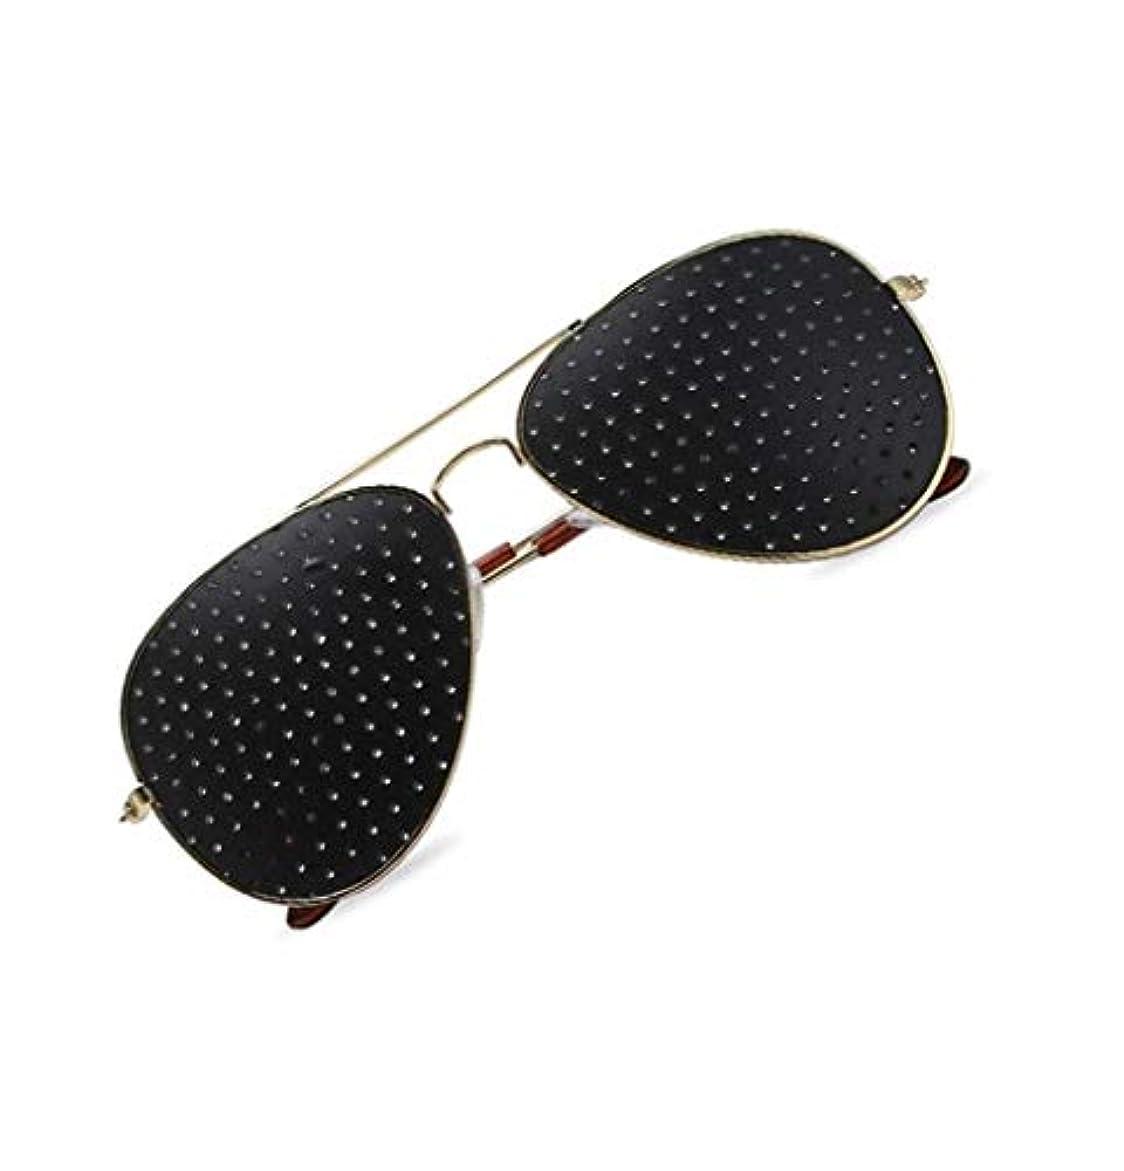 ディプロマ呪われたマダムピンホールメガネ、視力矯正メガネ網状視力保護メガネ耐疲労性メガネ近視の防止メガネの改善